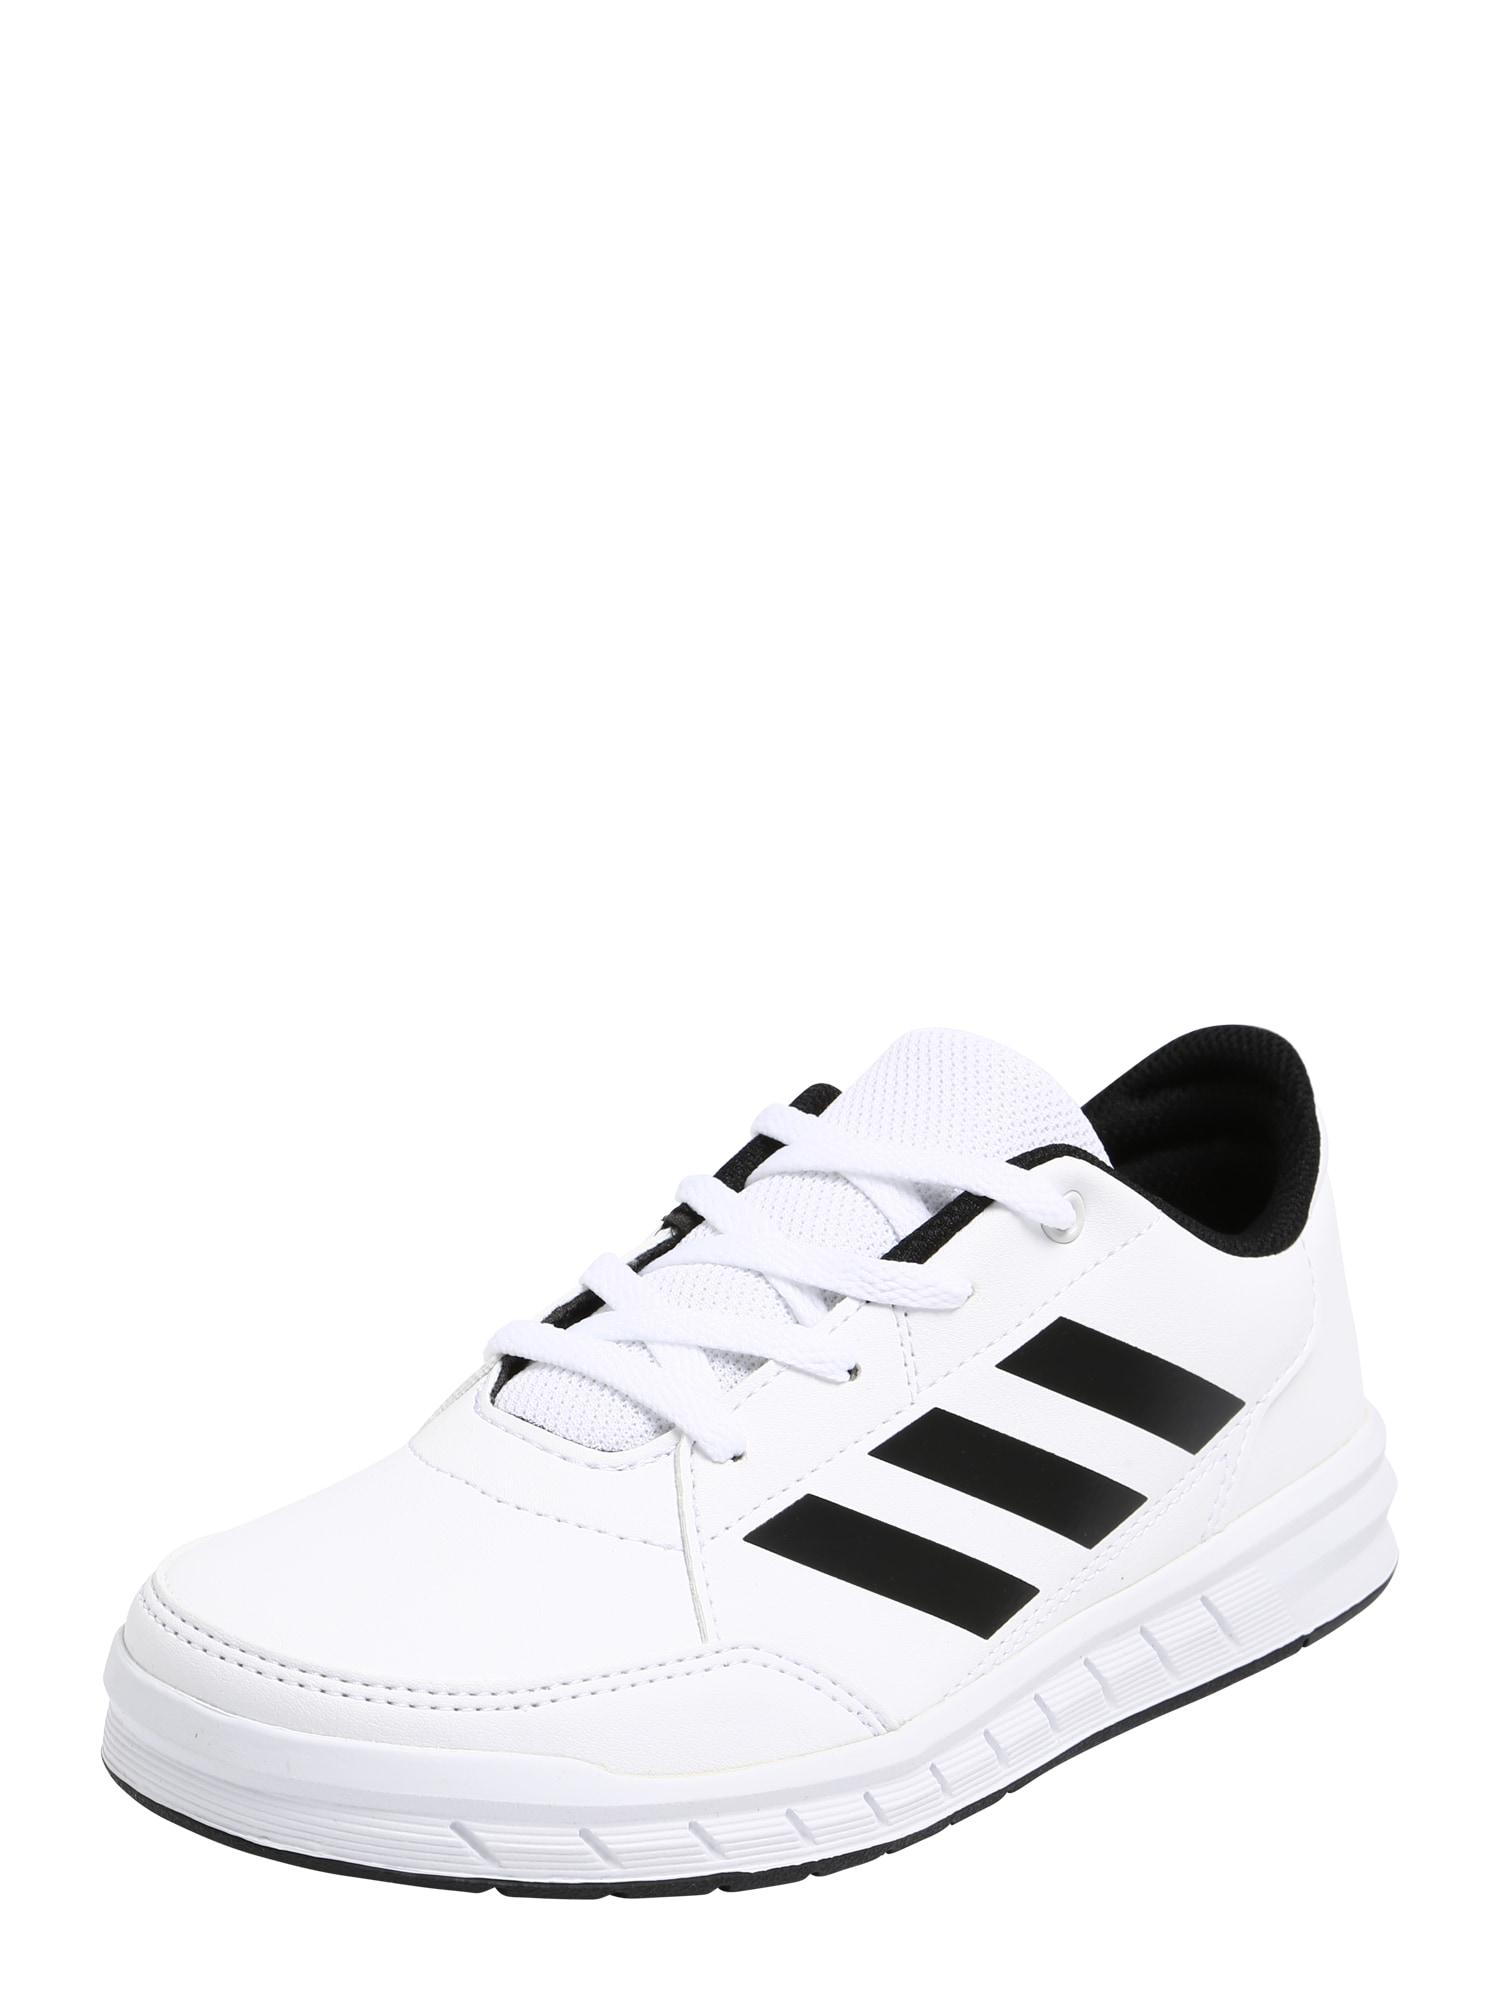 Sportovní boty AltaSport K černá bílá ADIDAS PERFORMANCE